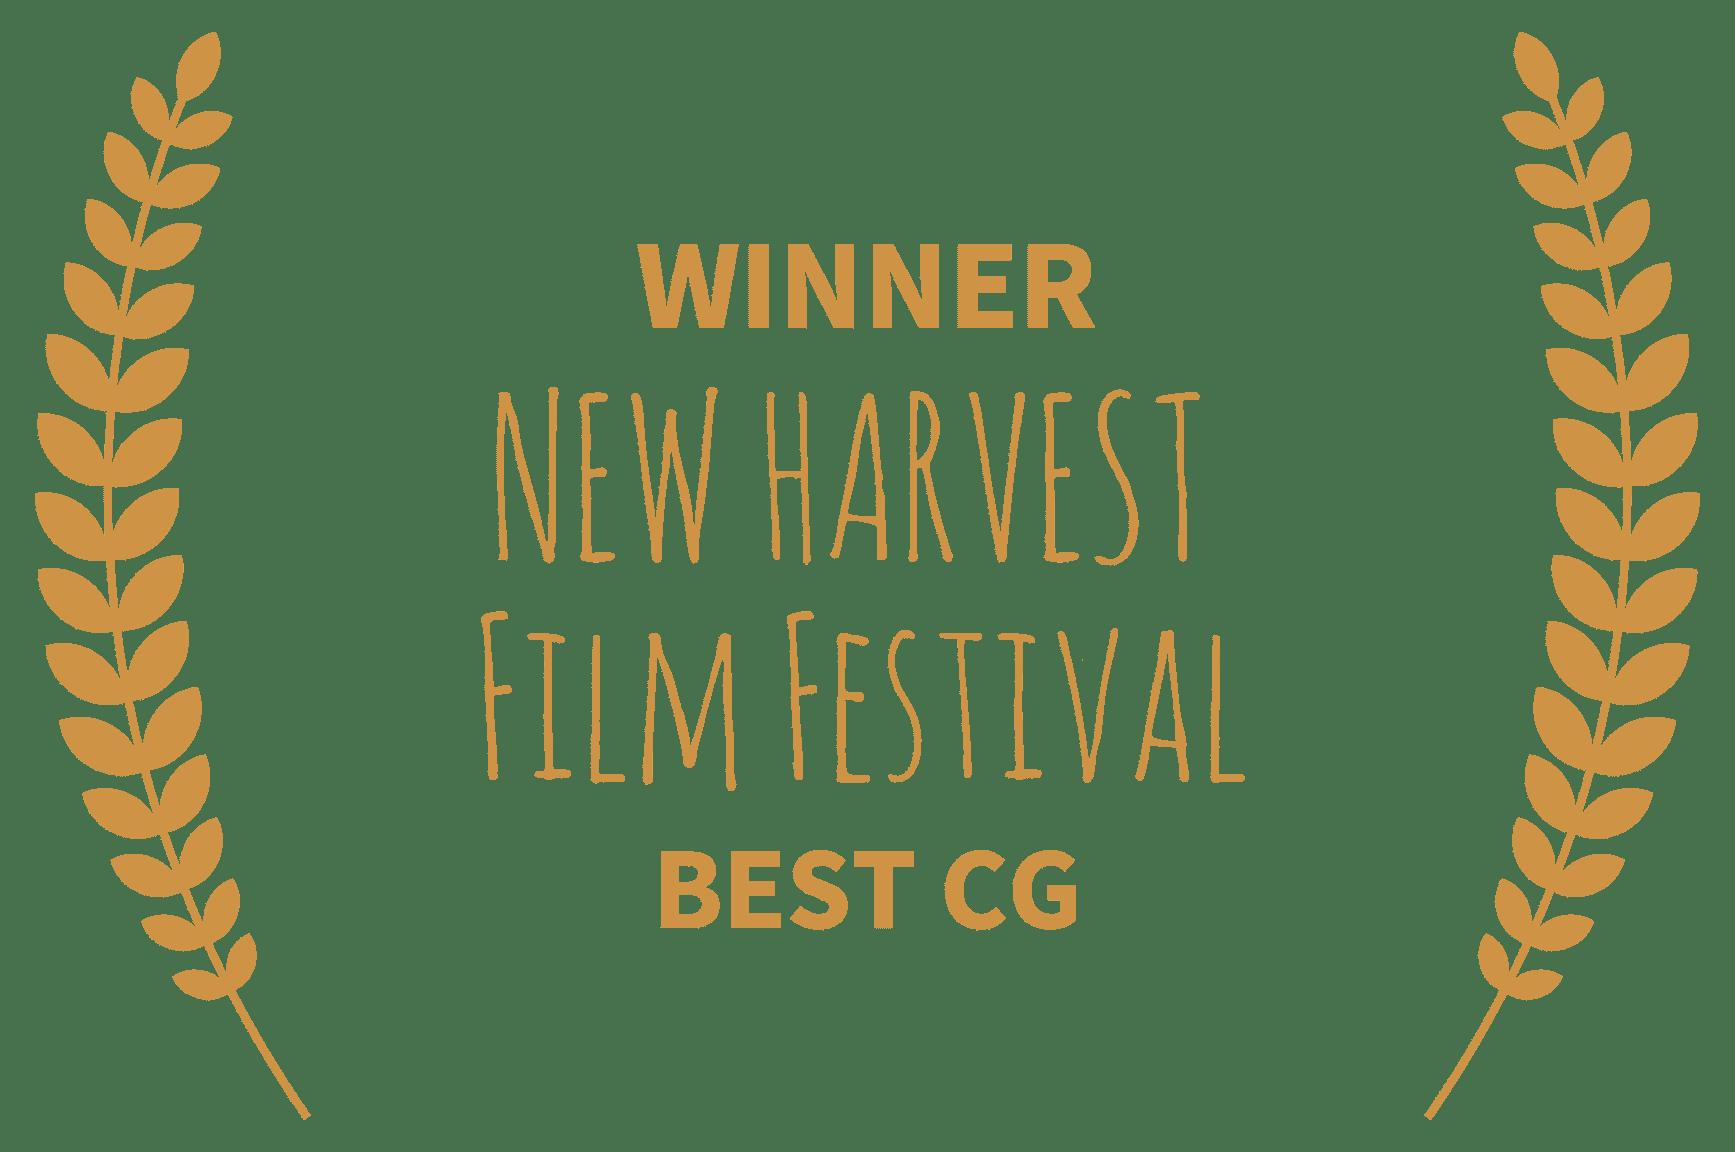 Победа в номинации Лучшая работа CG